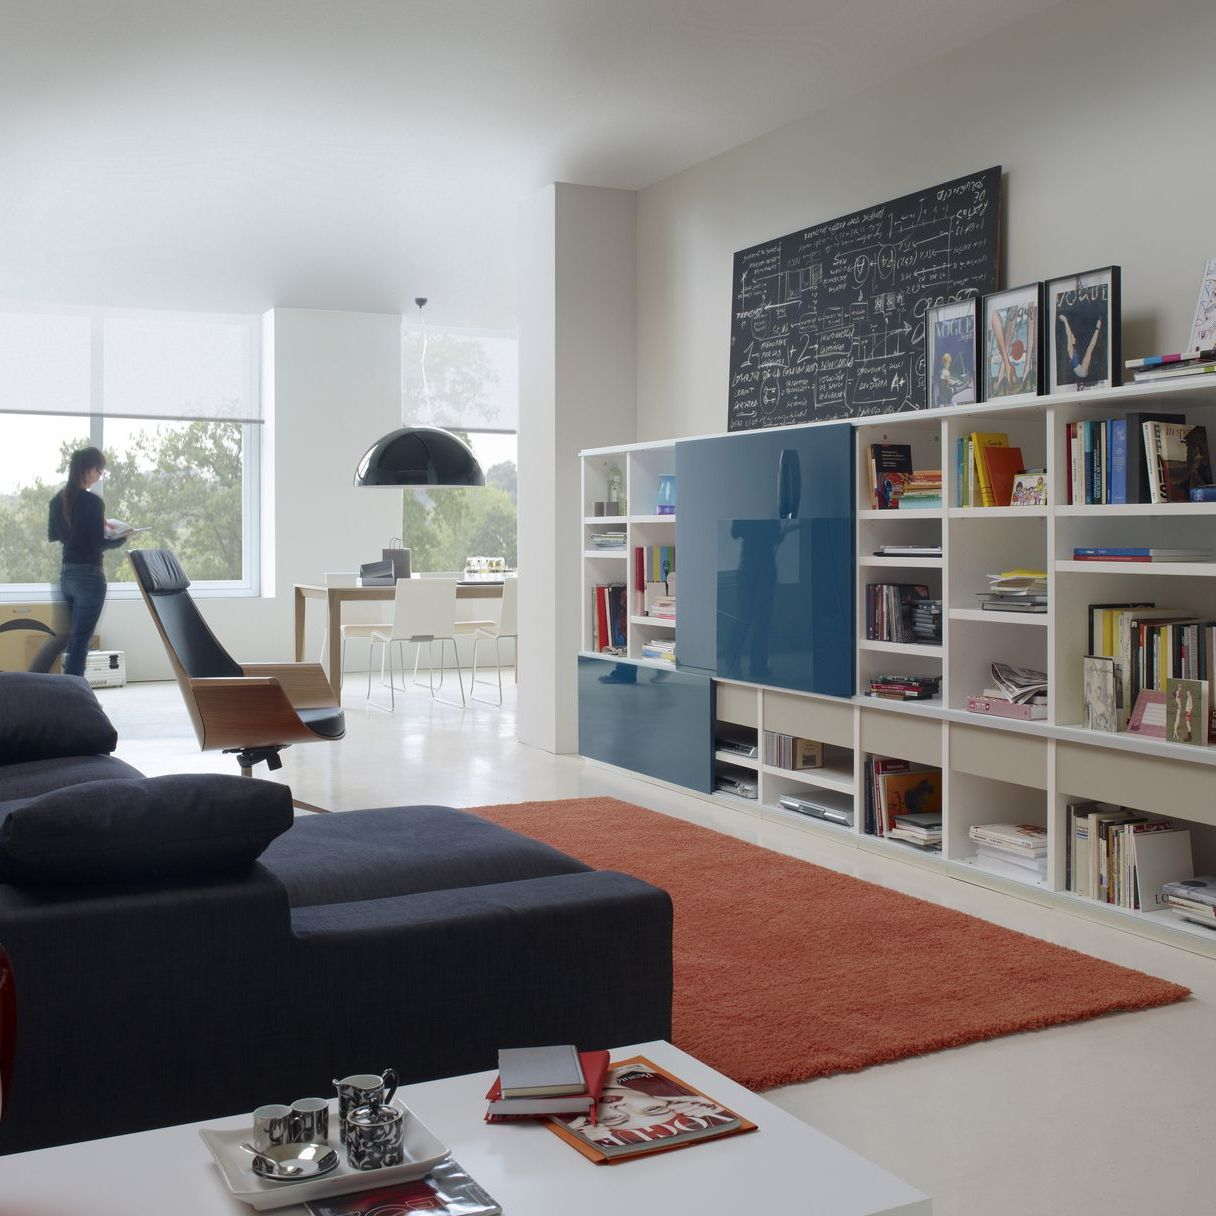 Muebles De Dise O De Nueva Linea En Madrid Espaciobetty Madrid # Muebles Suspendidos Salon